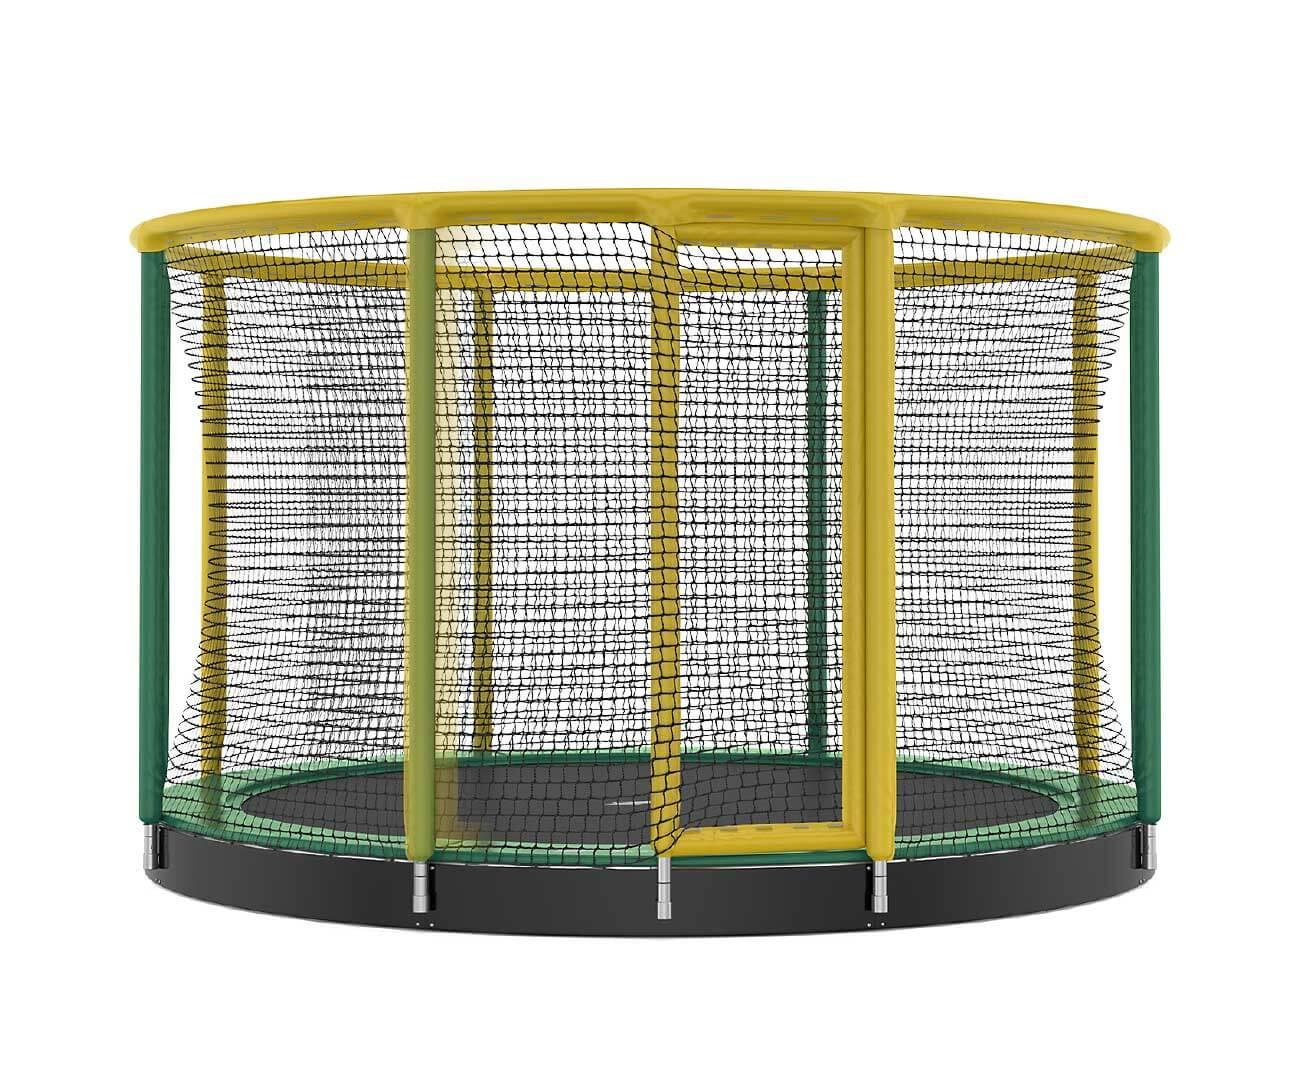 Akrobat Gallus Inground 10 Green-yellow enclosure / Green safety pad /Black jumping mat